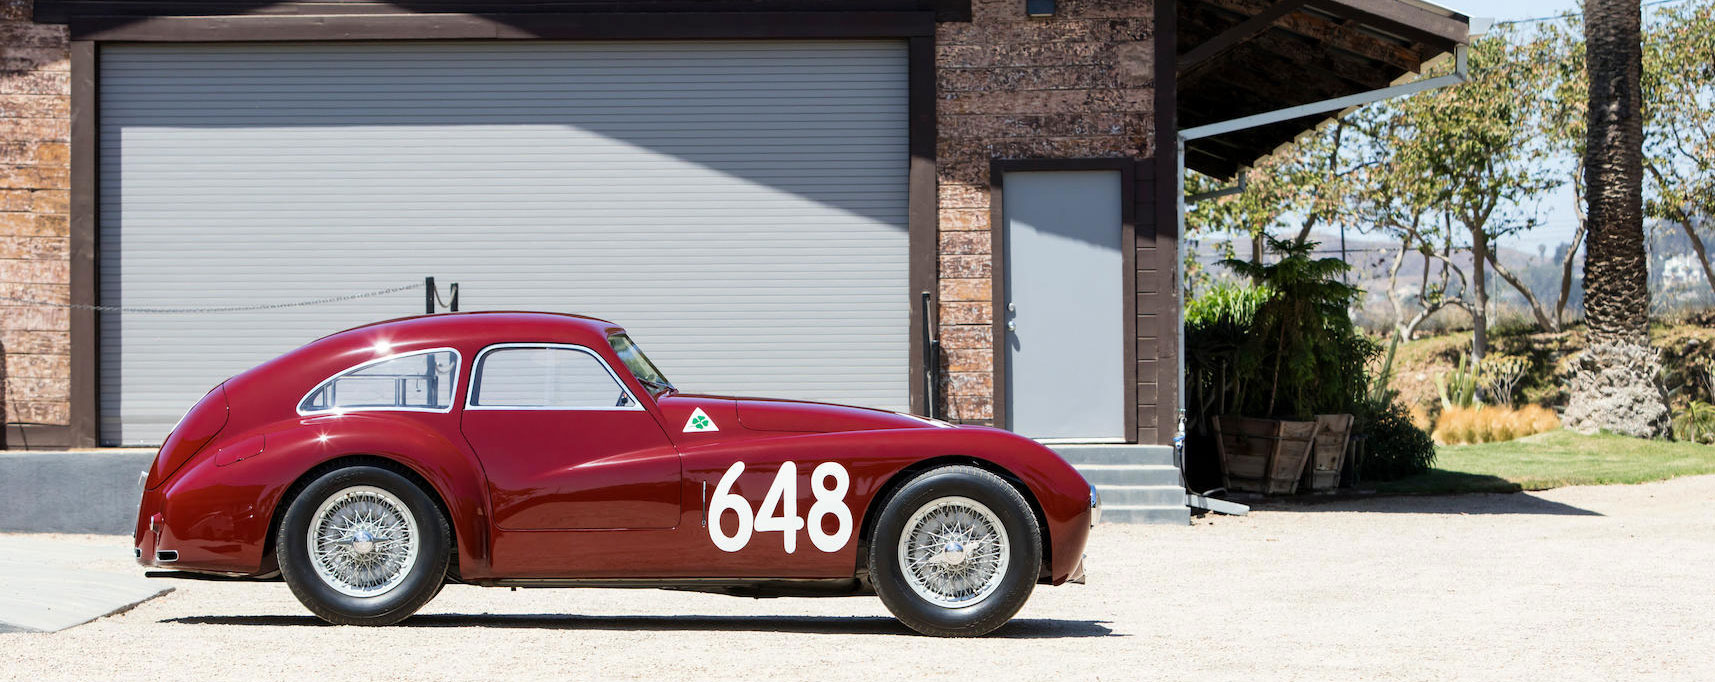 1948 Alfa Romeo 6C 2500 Competizione